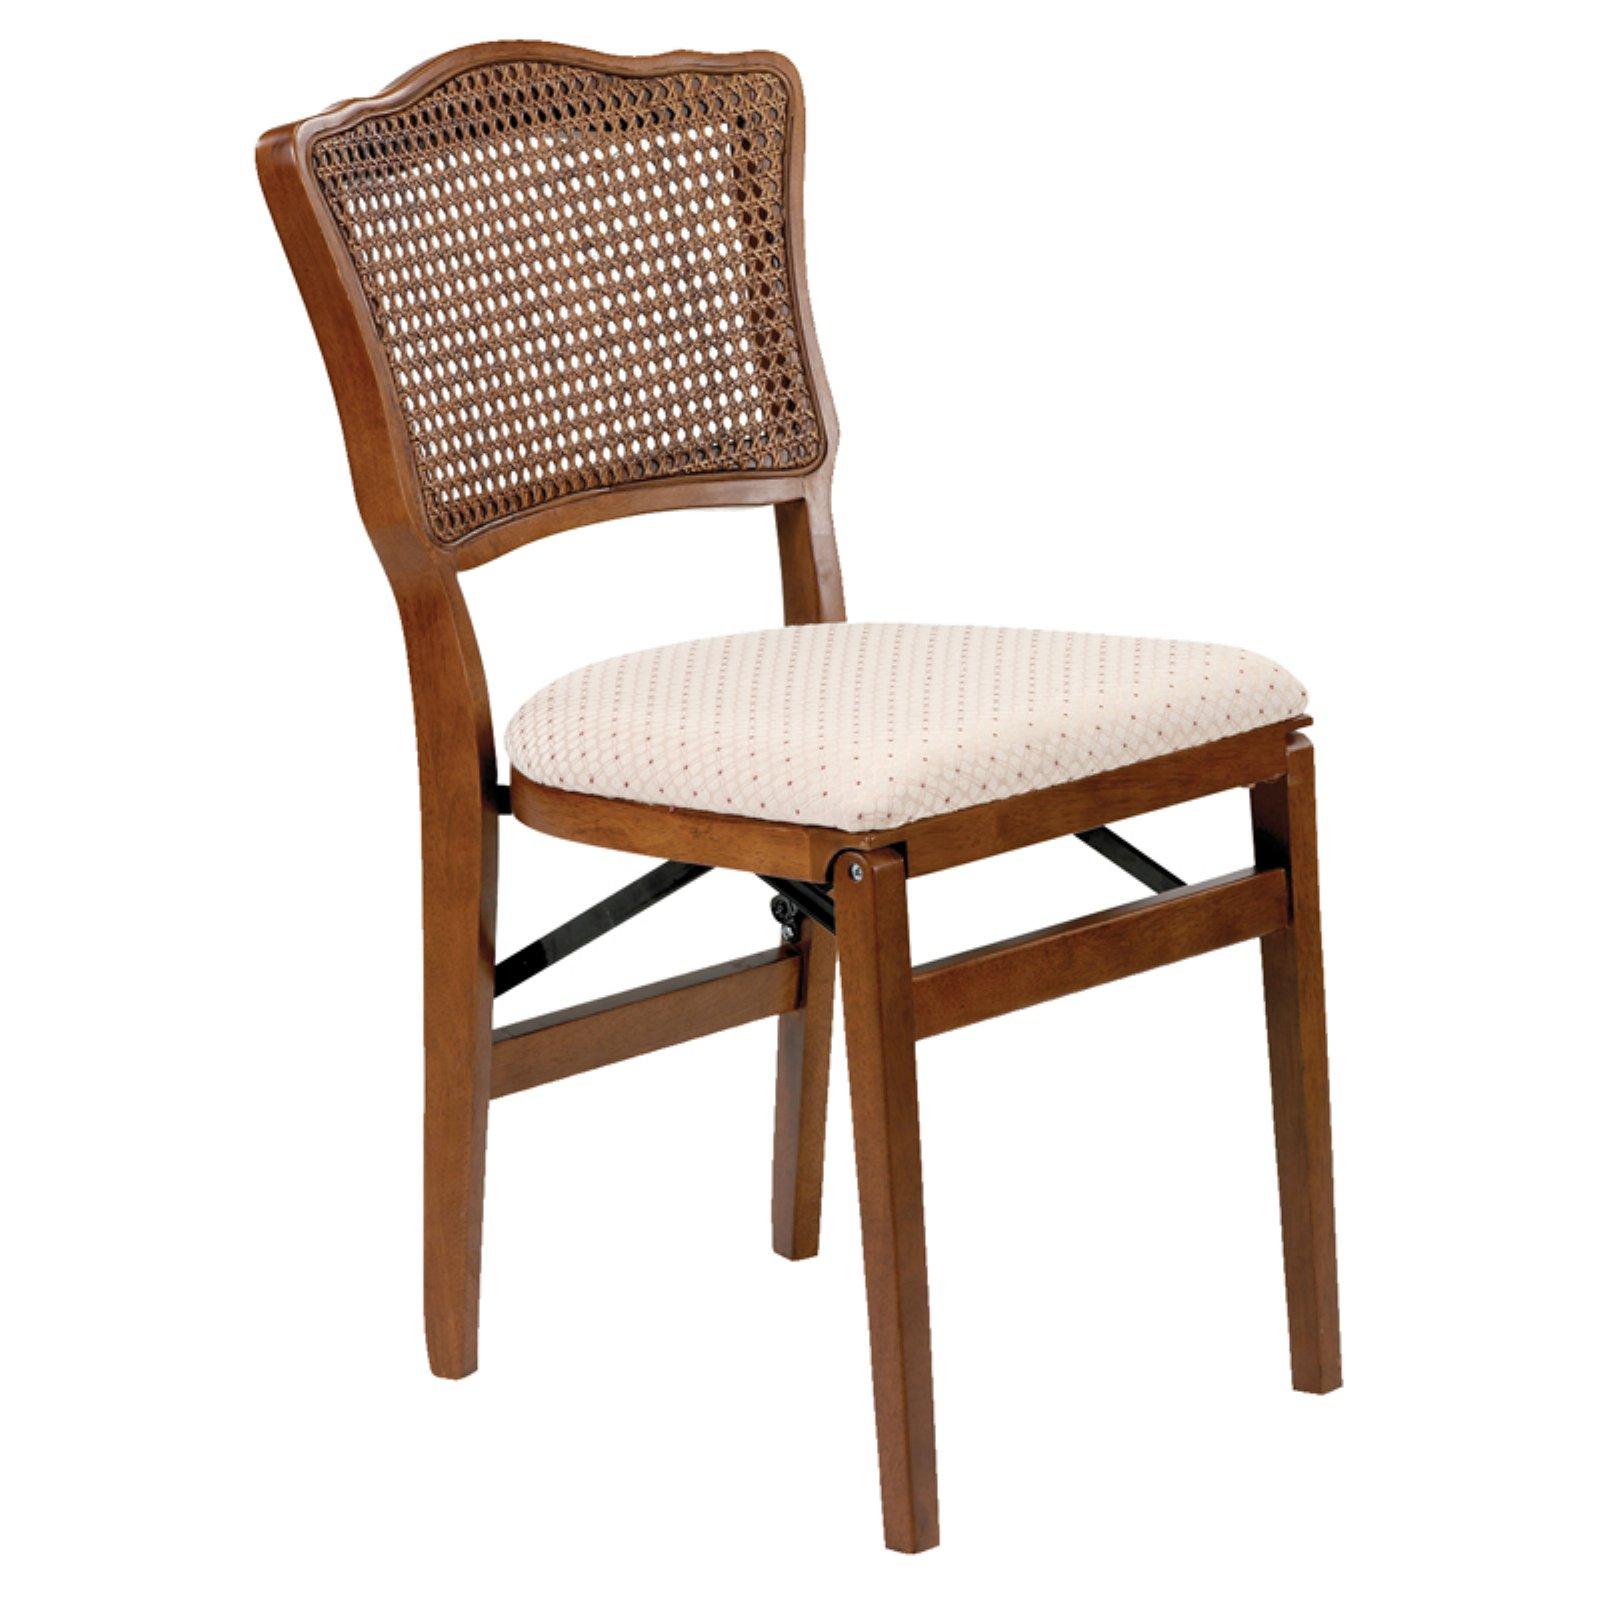 French cane back hardwood folding chair - Fruitwood